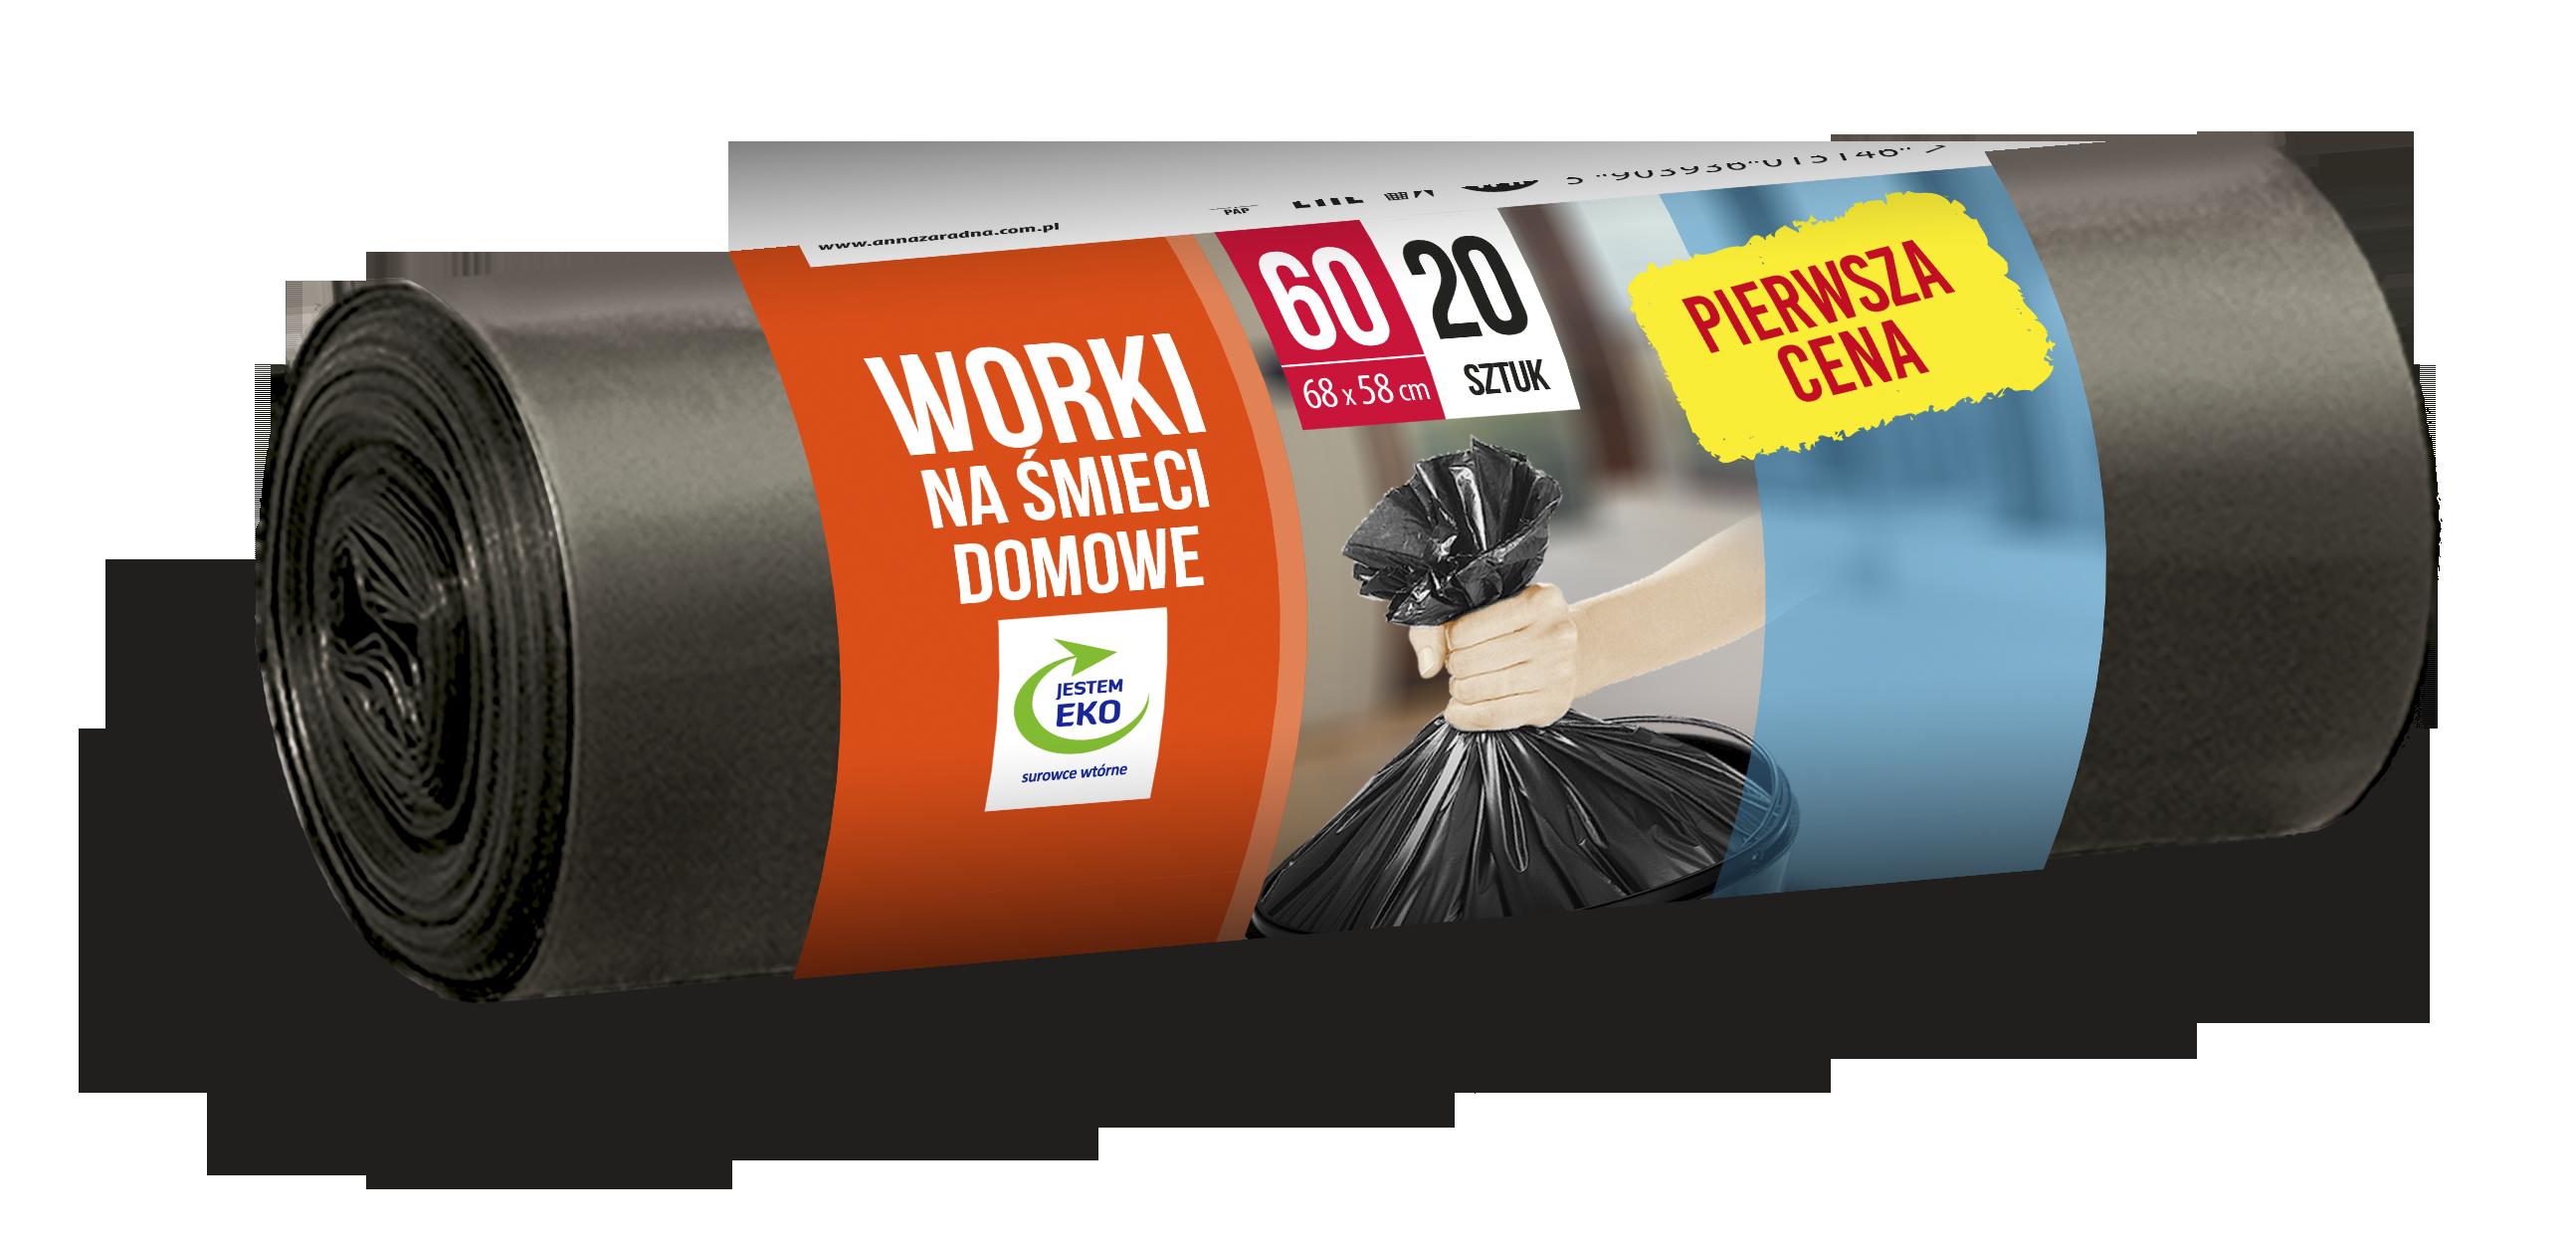 PC_WNS-domowe-60l-20szt_5146